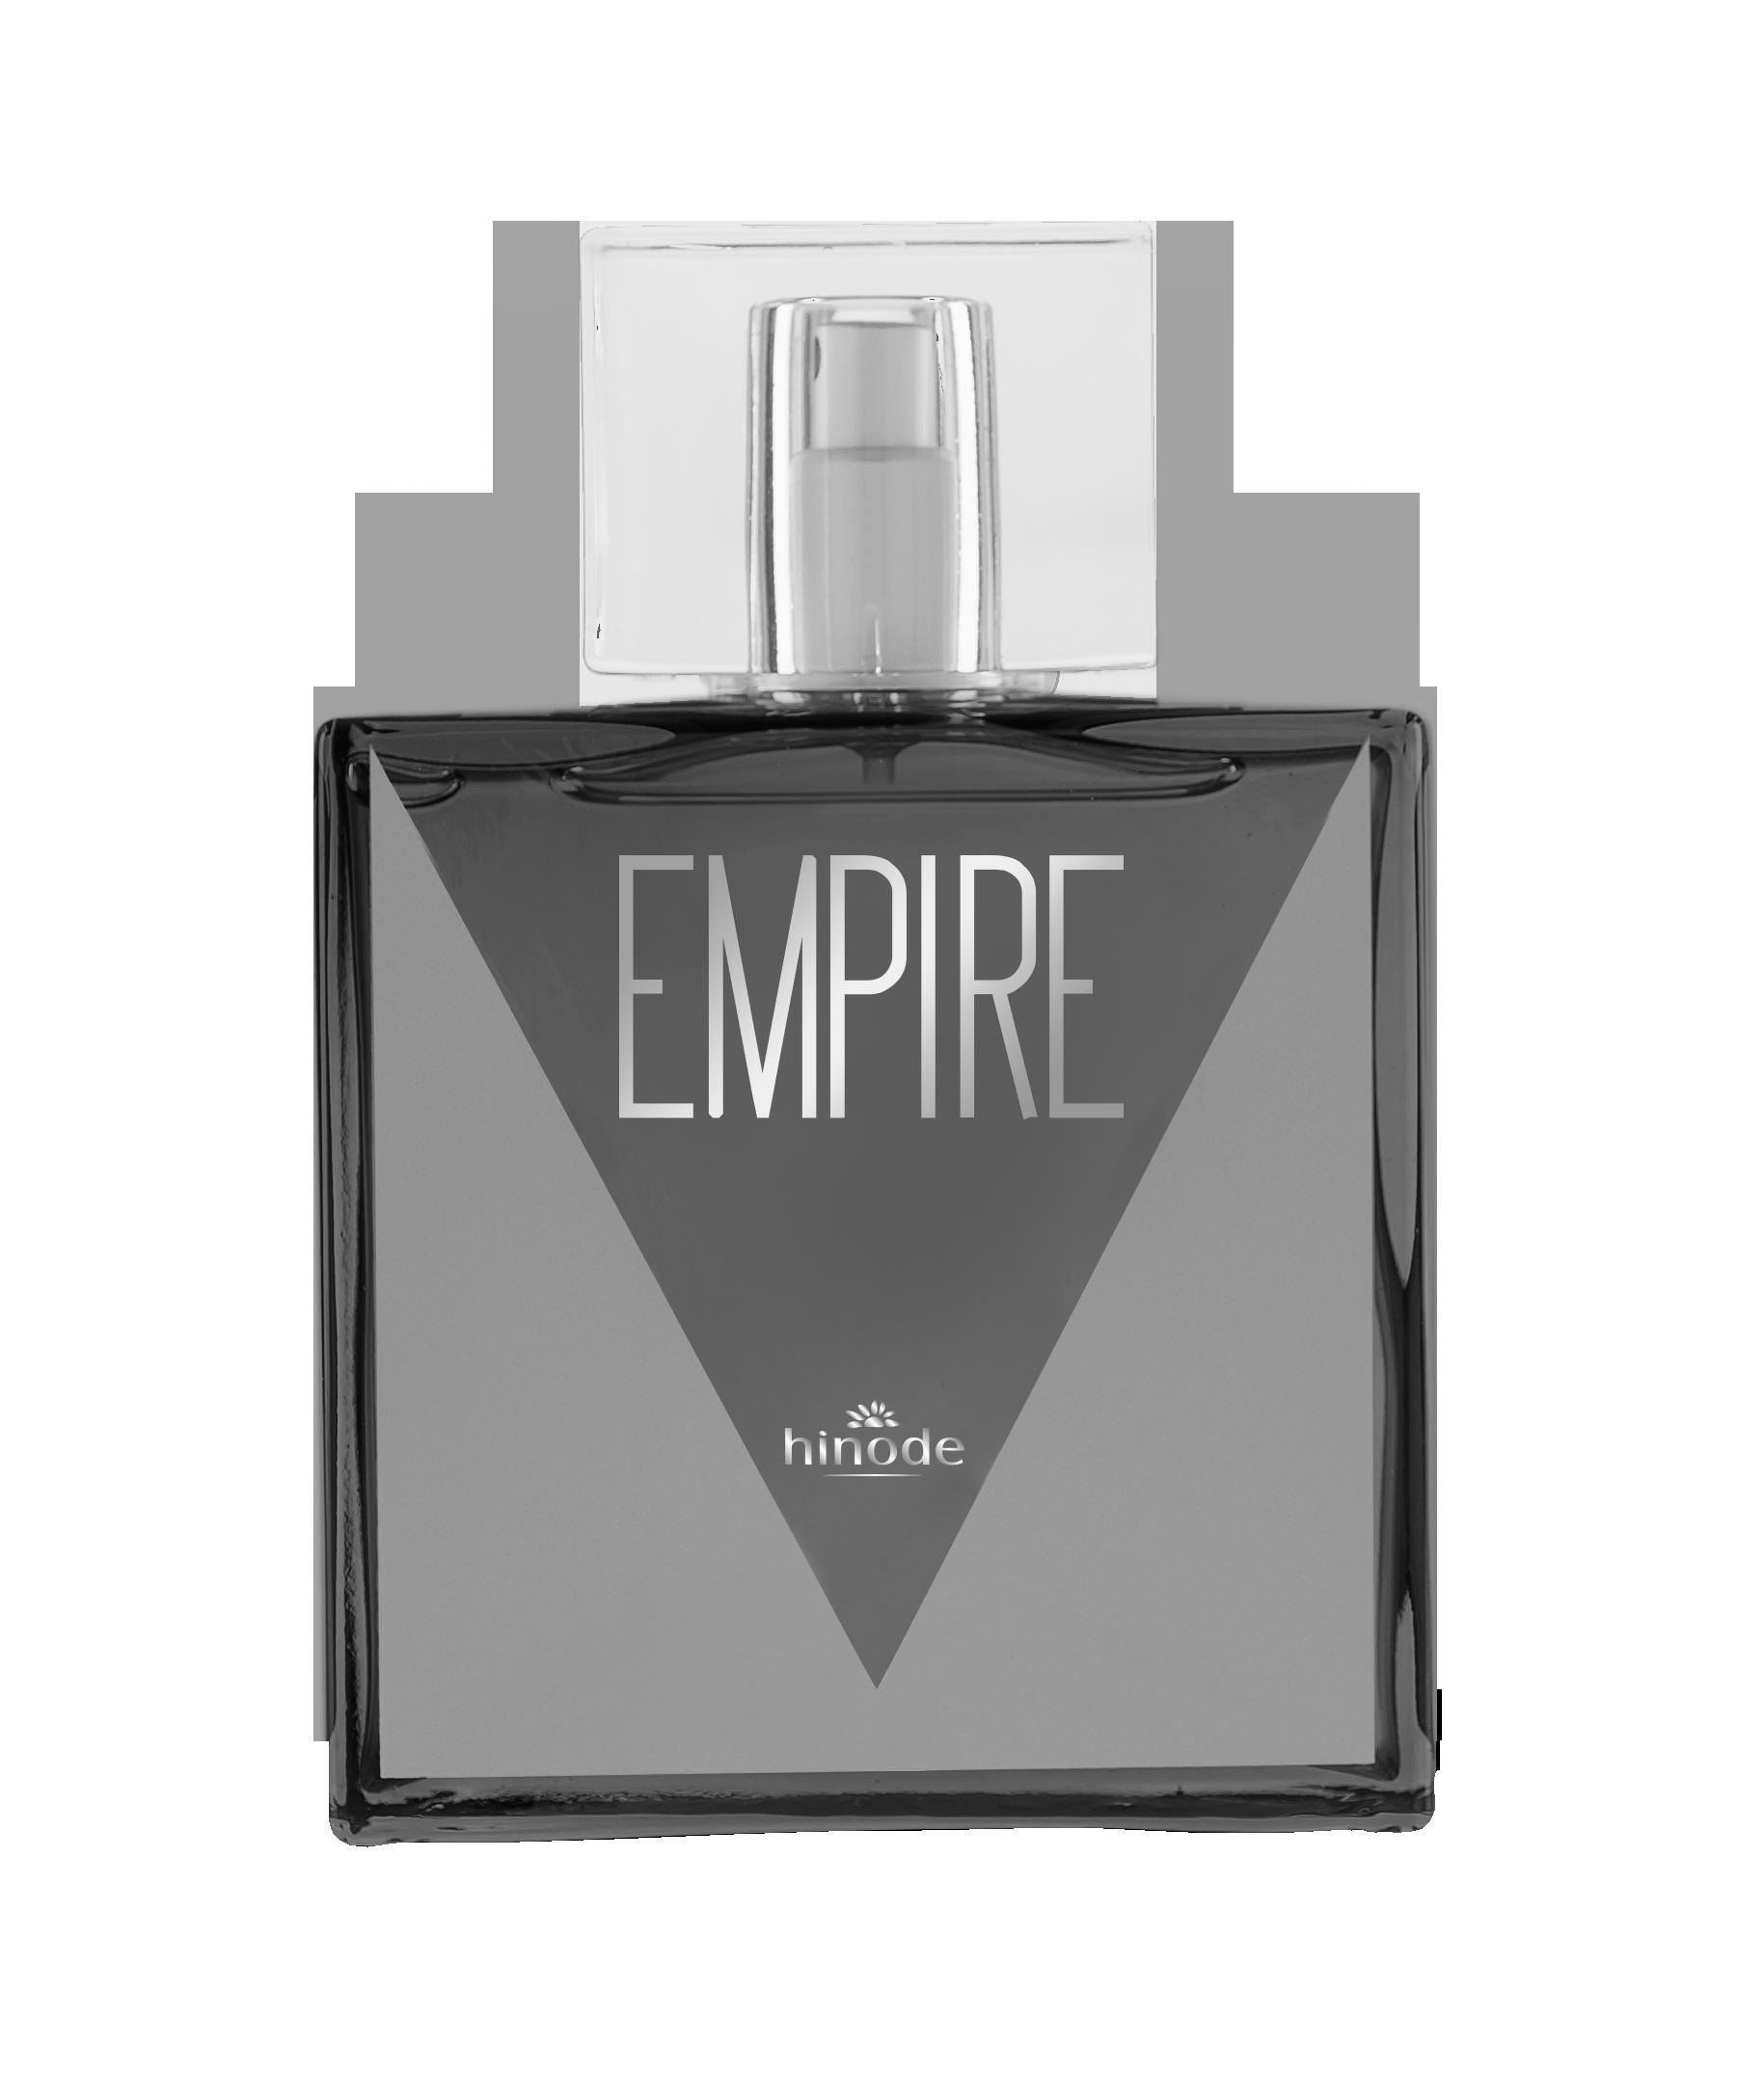 10e9bb972 Empire-final Melhores Perfumes Masculinos, Perfume Masculino, Look  Masculinos, Produtos De Beleza